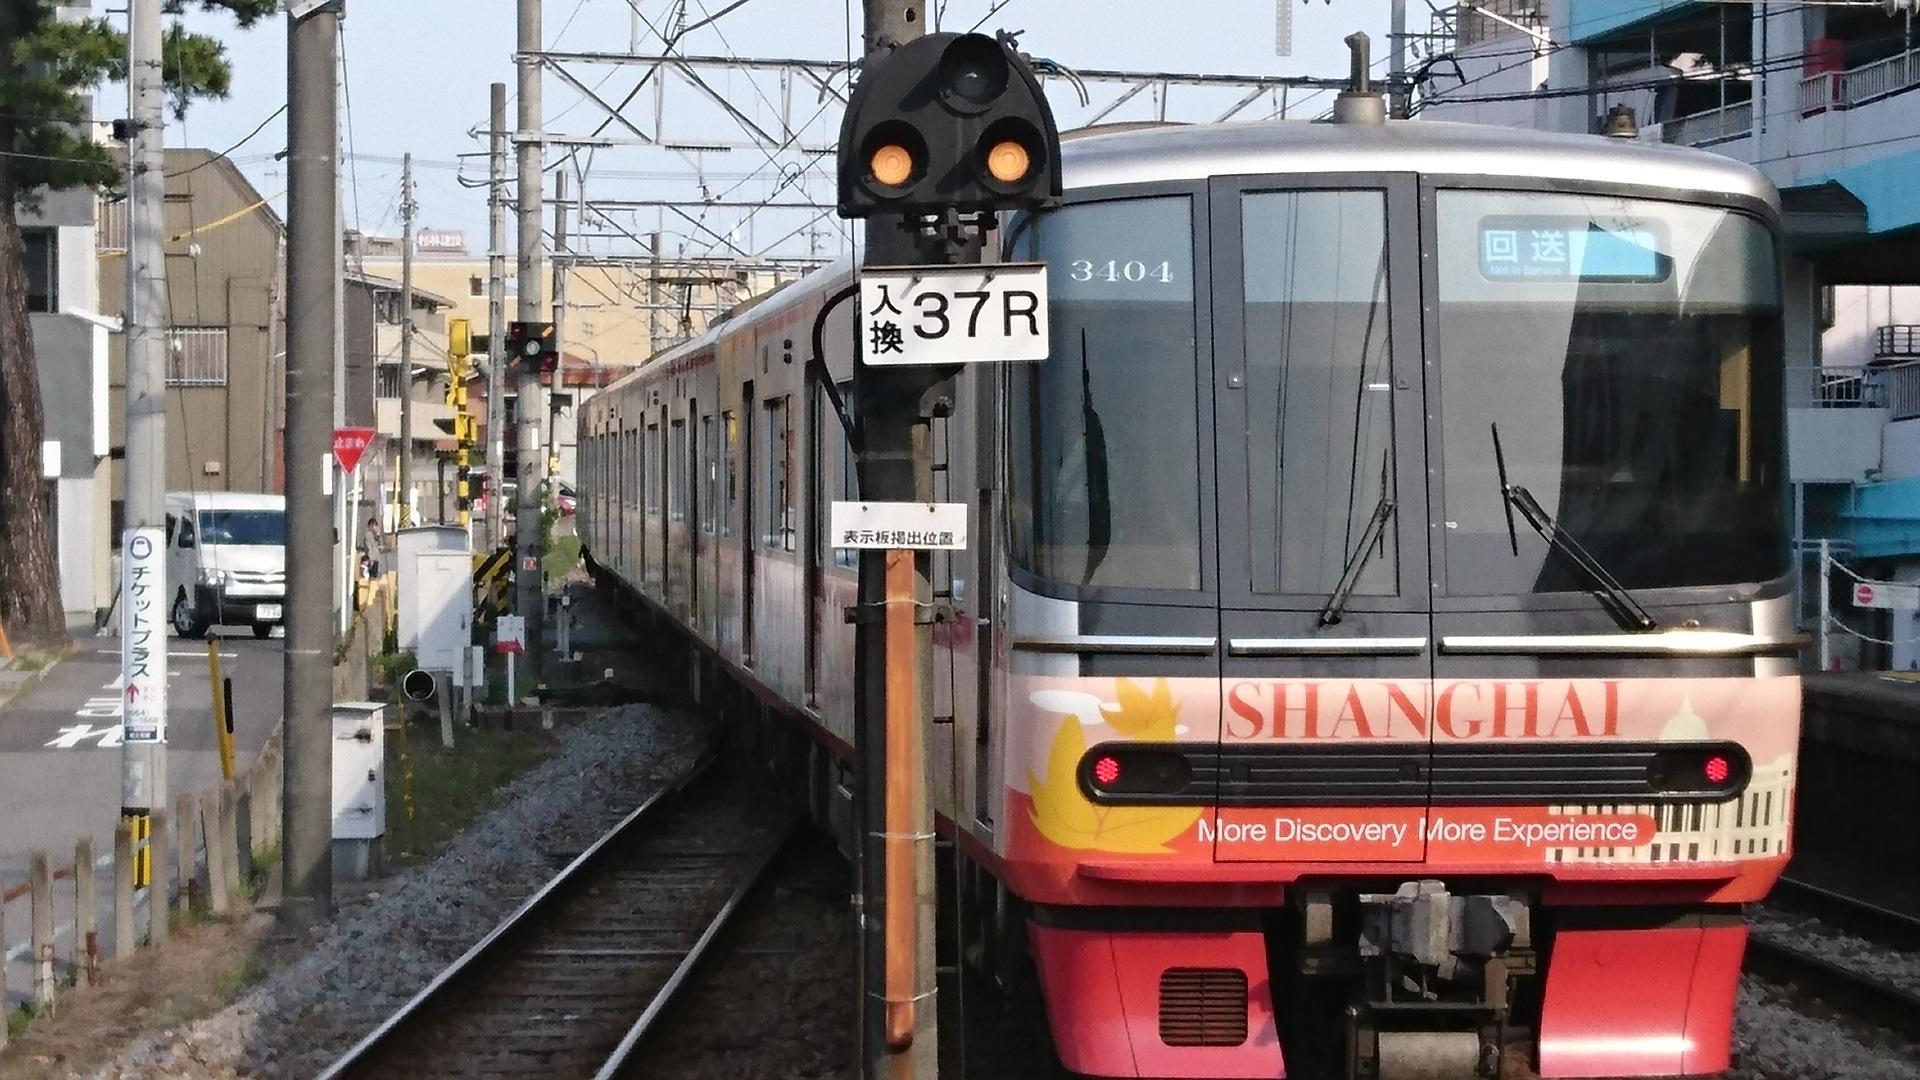 2017.4.15 名鉄 (47) 東岡崎いきふつう - 東岡崎でひきあげ 1920-1080